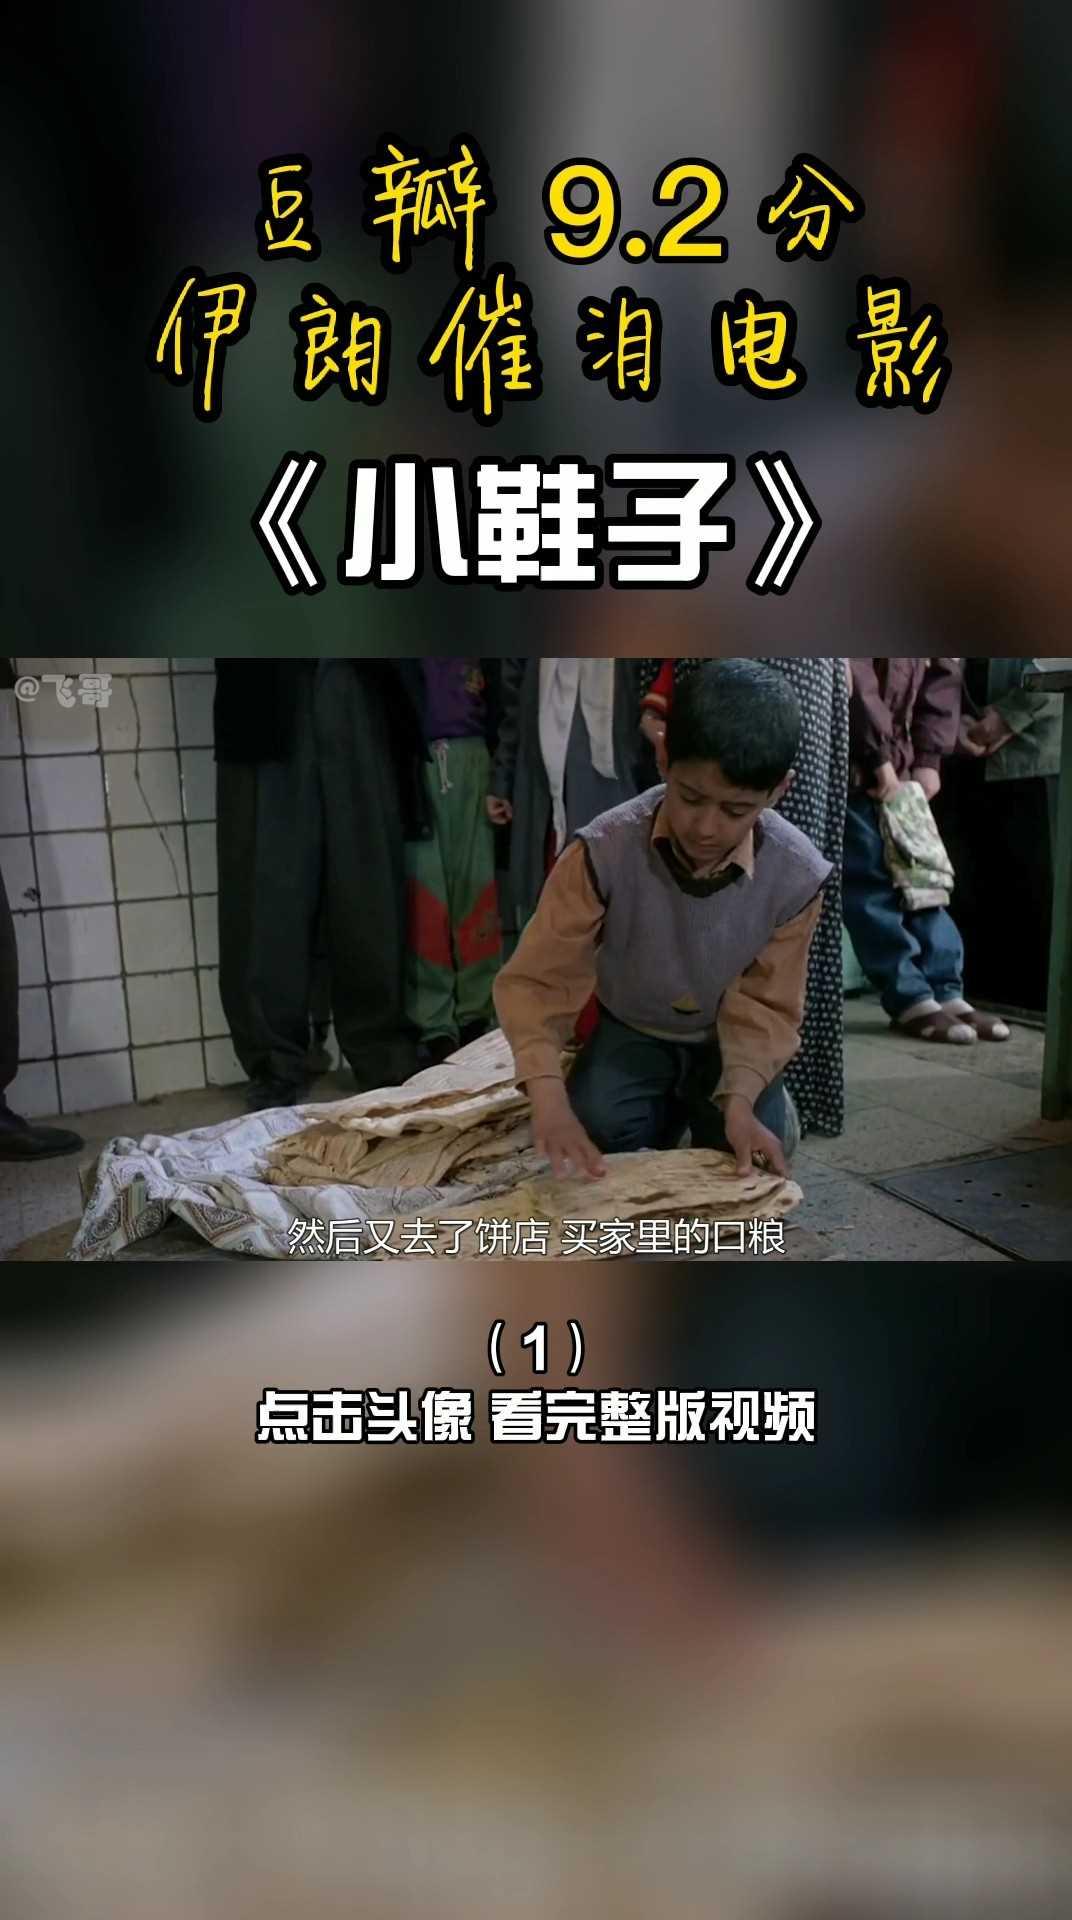 豆瓣9.2 伊朗催泪电影《小鞋子》1 下